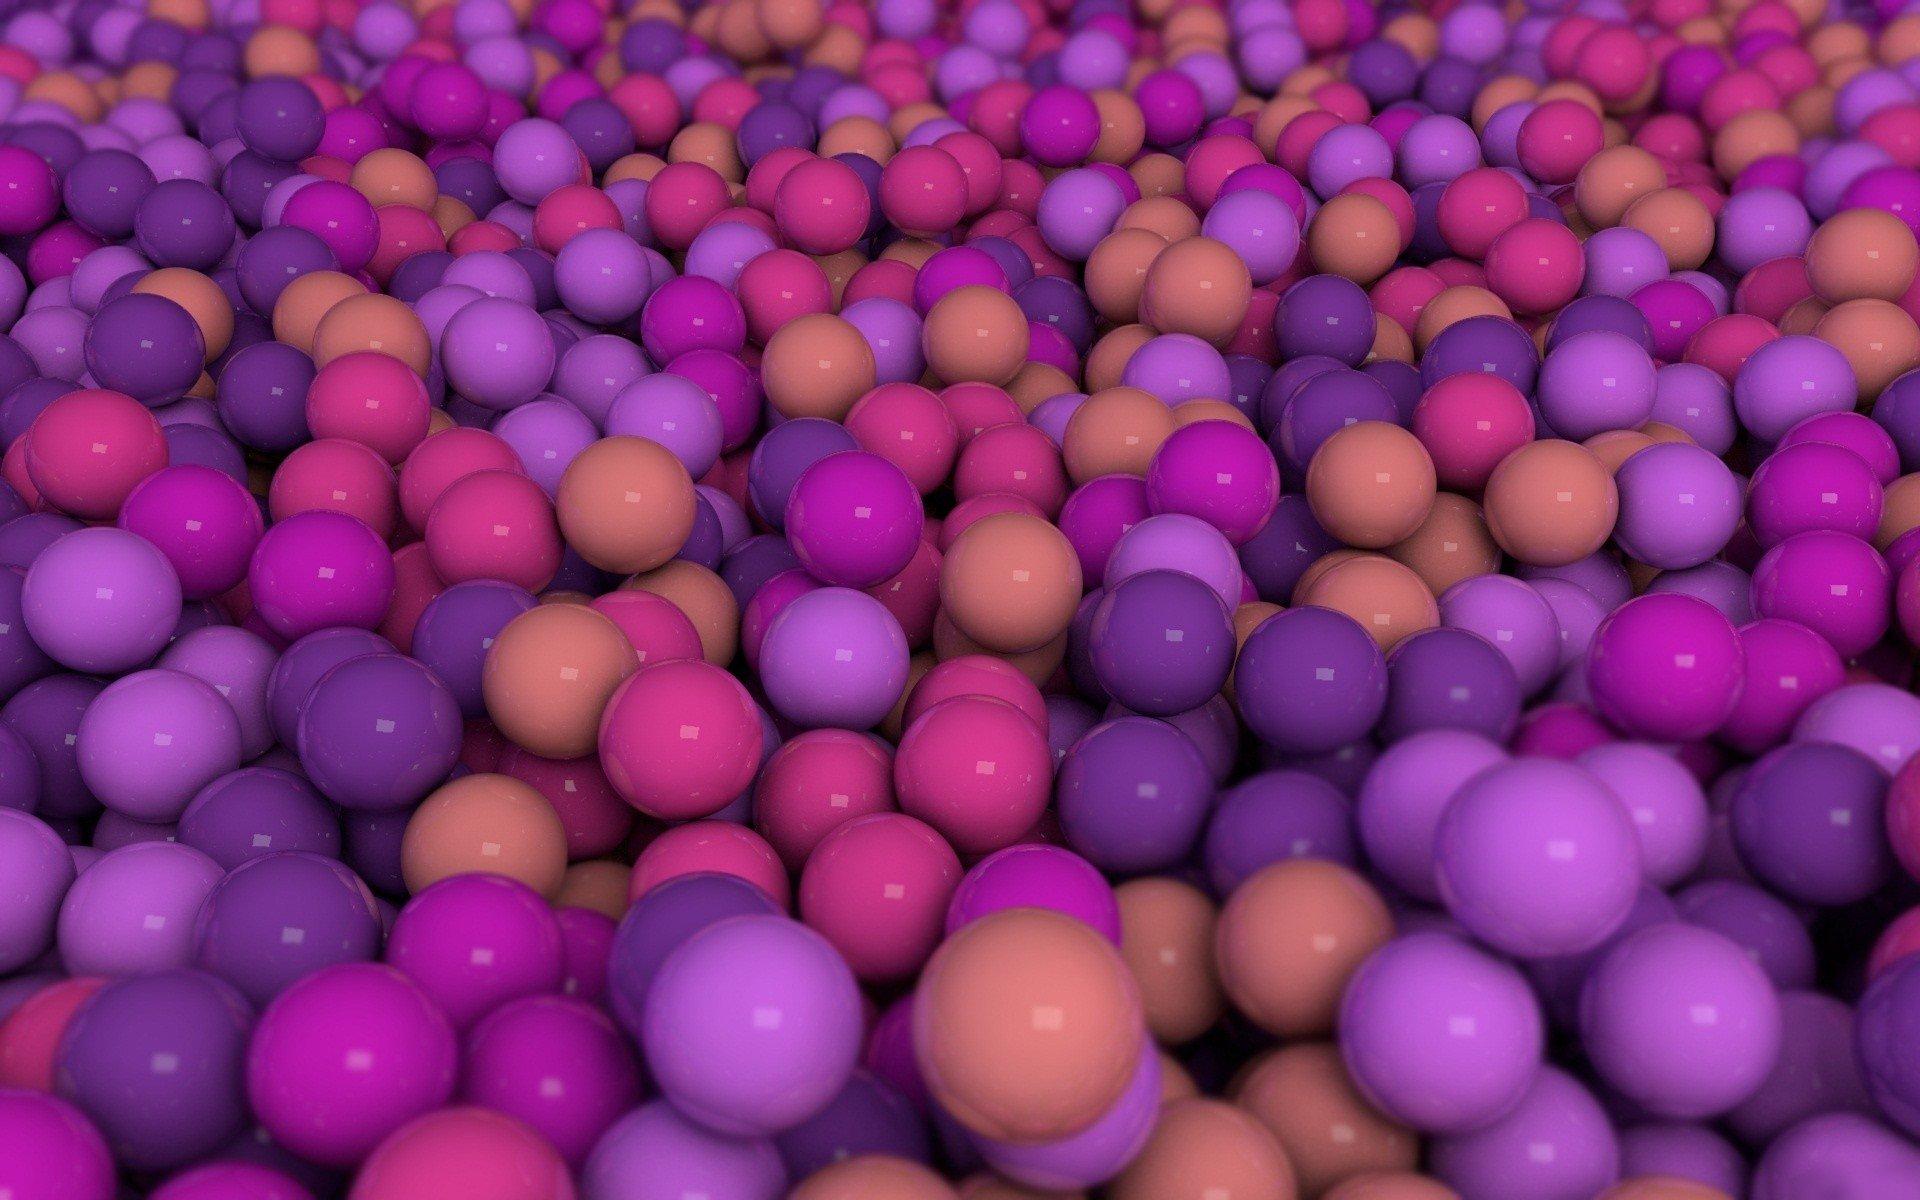 Шары круги цветные  № 3676358 бесплатно